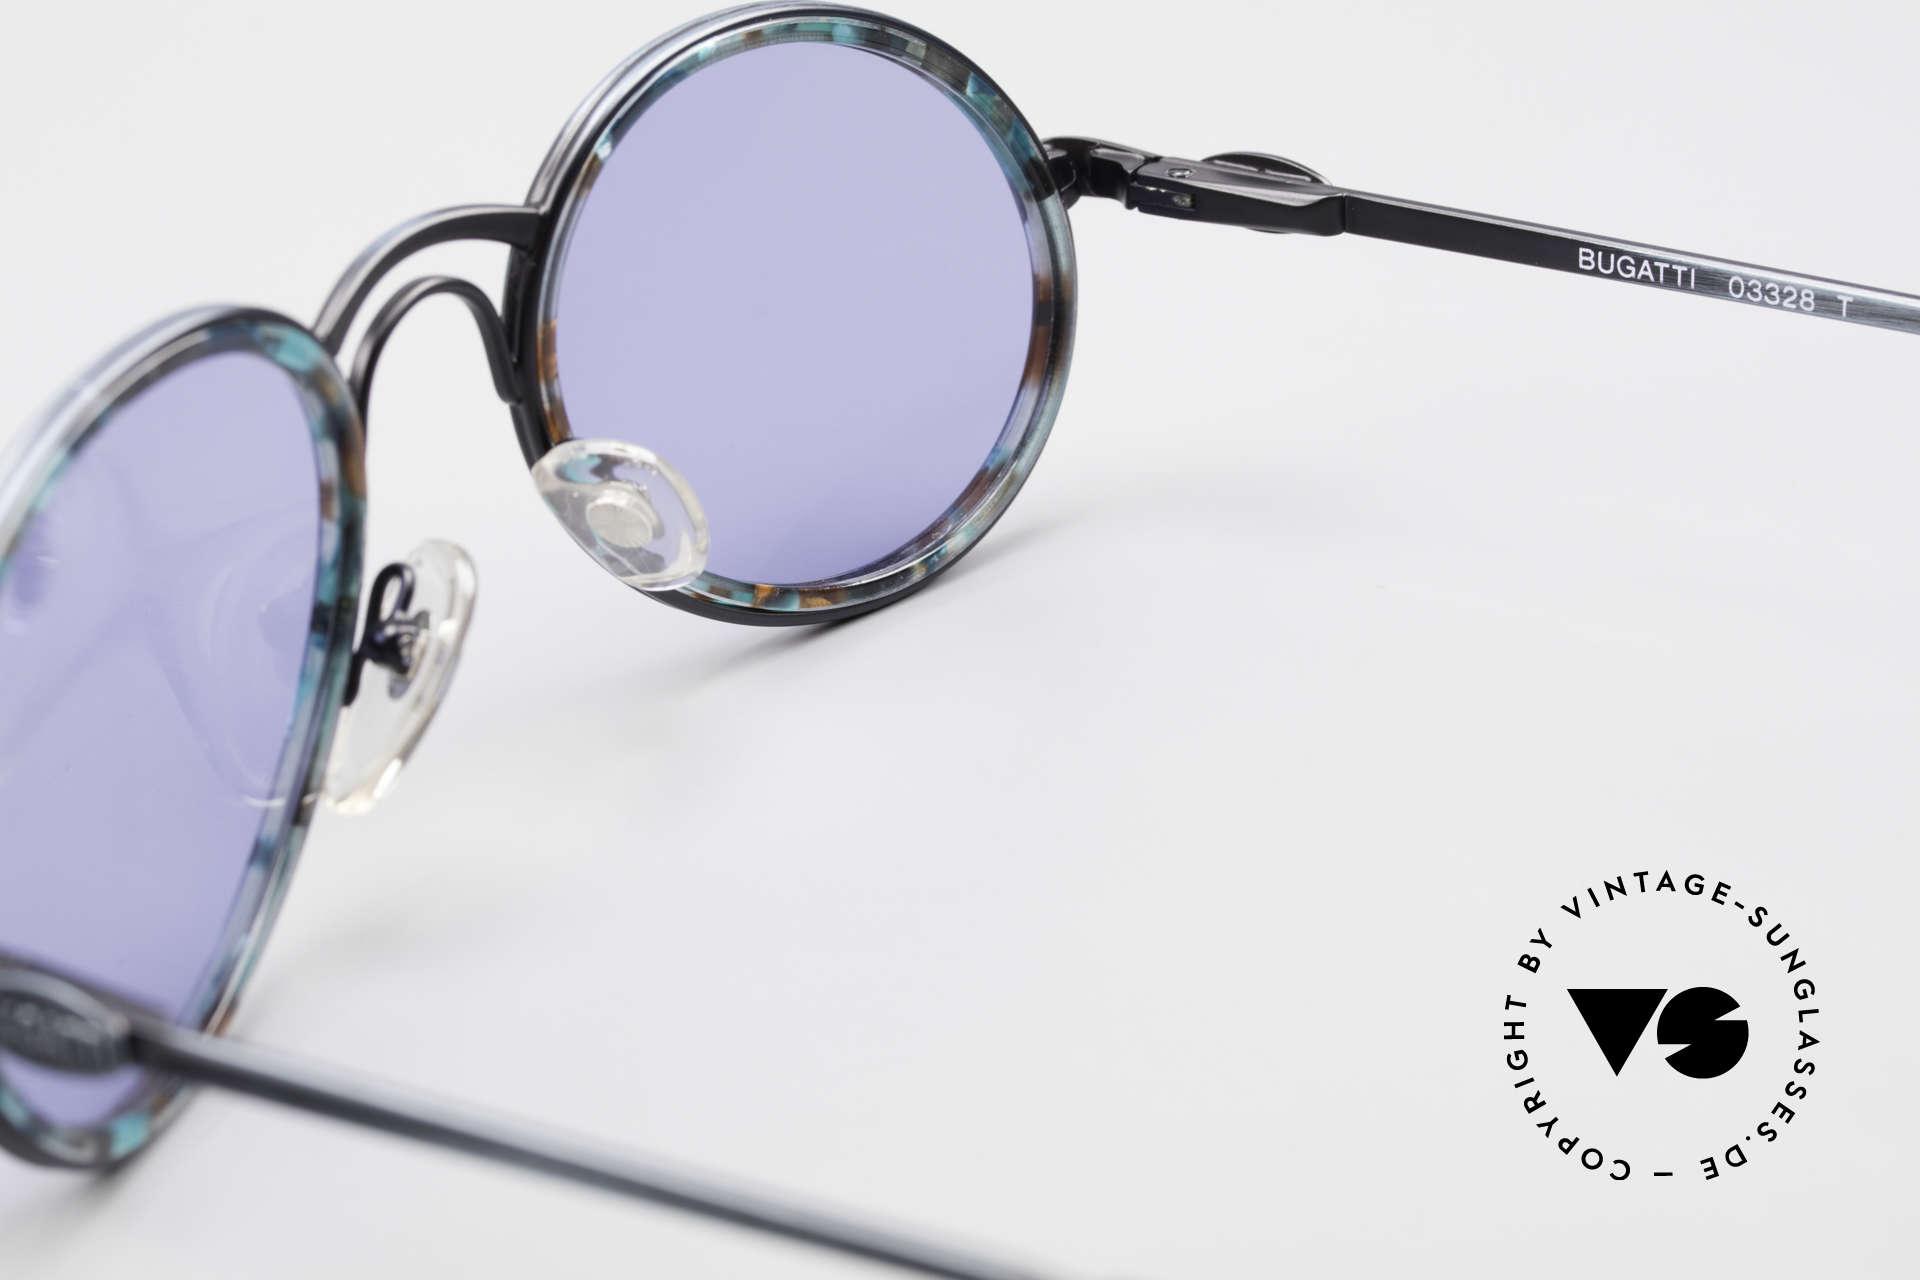 Bugatti 03328T Alte 80er Bugatti Herrenbrille, KEINE Retrobrillenfassung; ein 35 Jahre altes Original, Passend für Herren